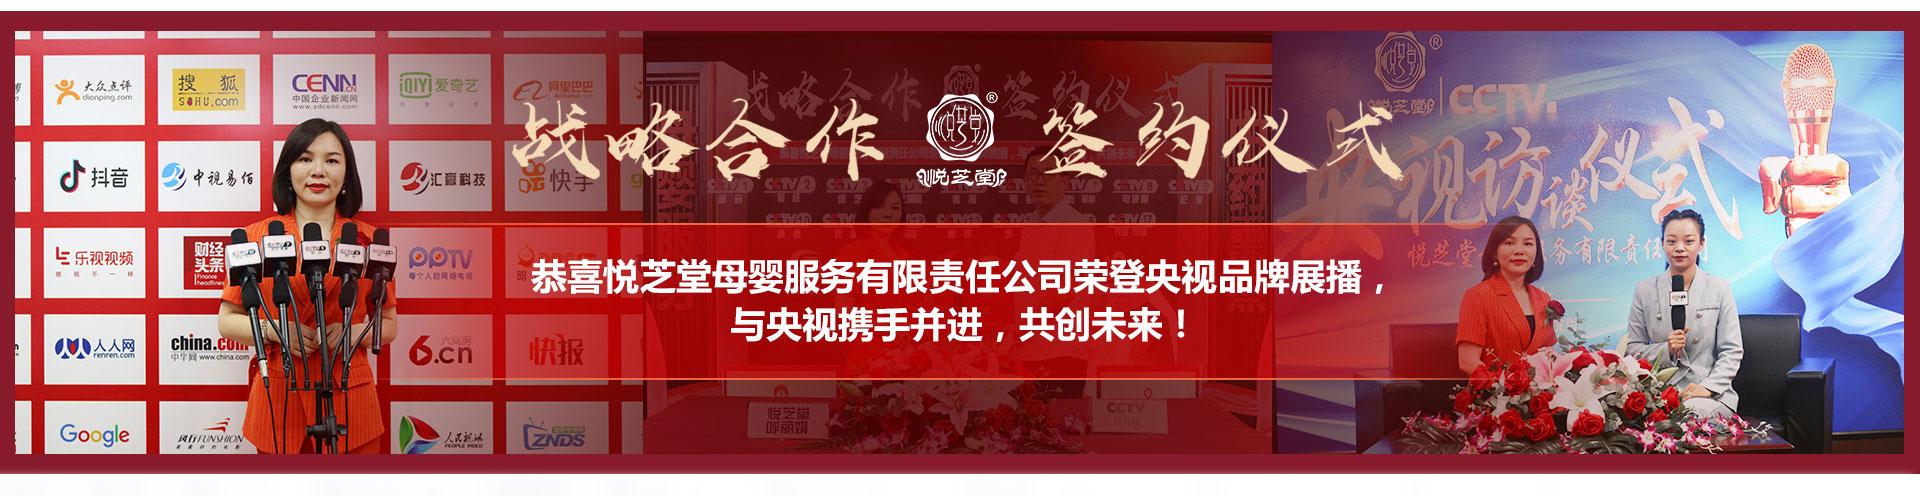 悦芝堂母婴产康全周期管理yzt_06